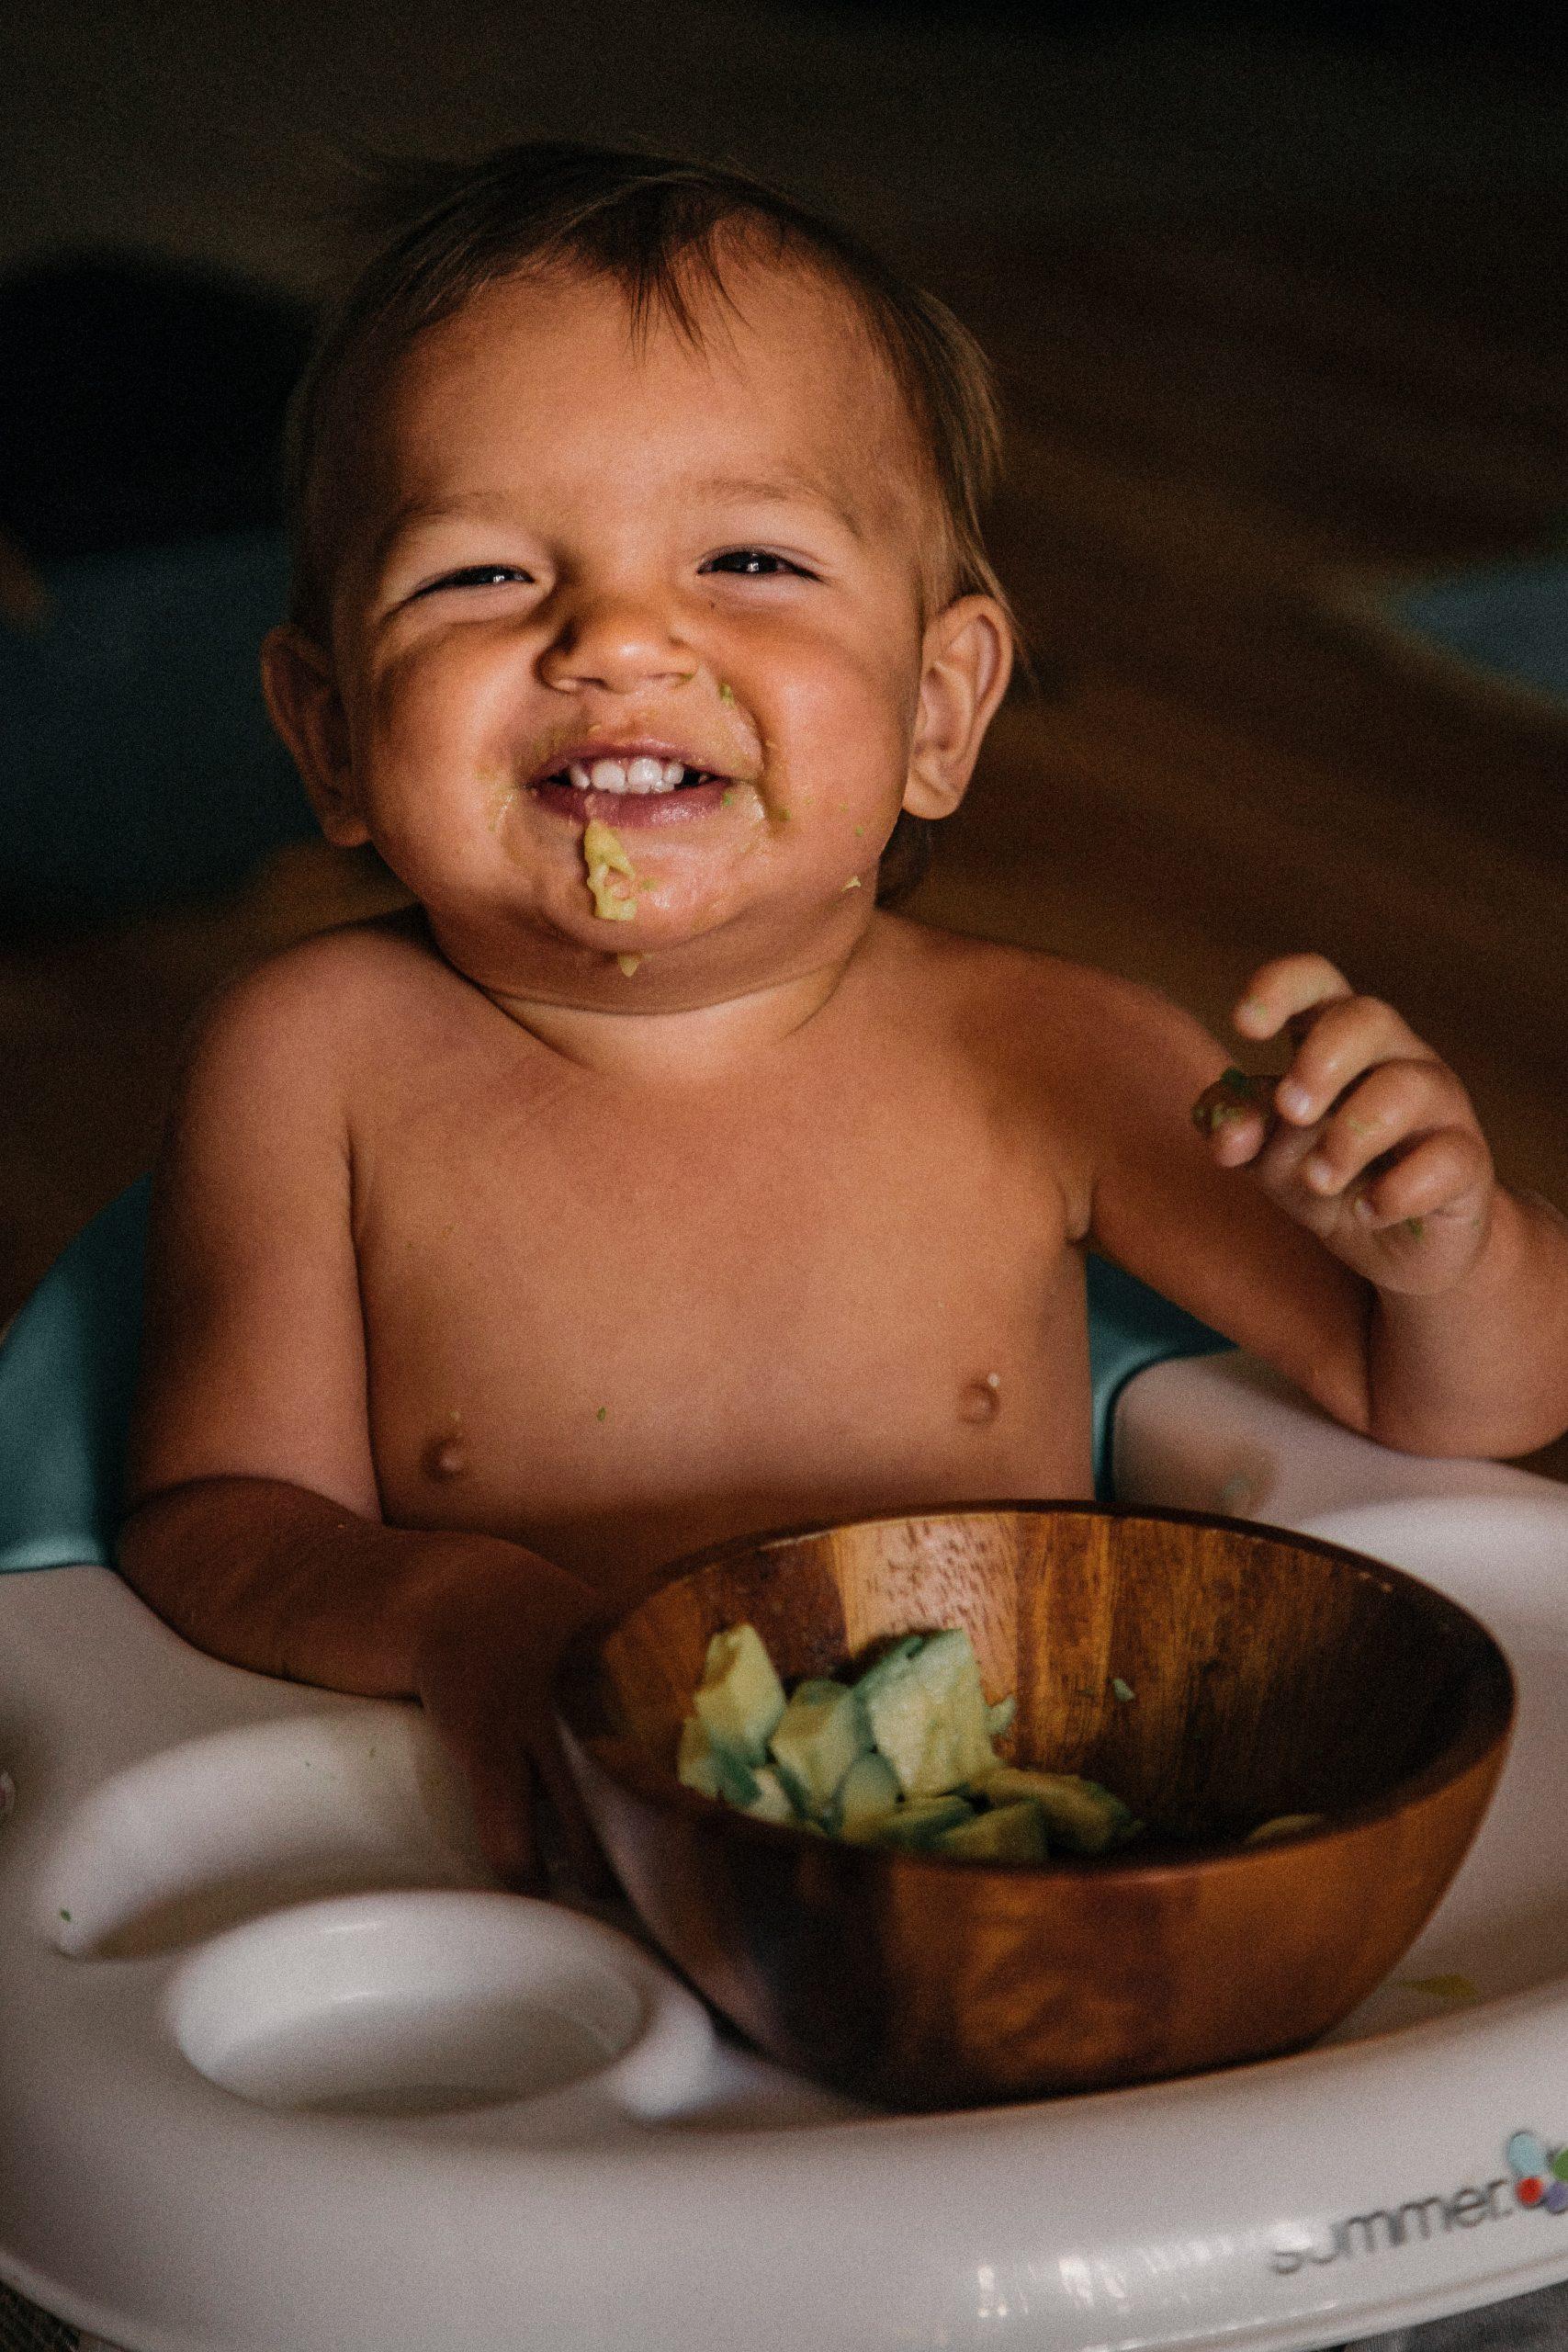 Comer com a mão ajuda o desenvolvimento infantil